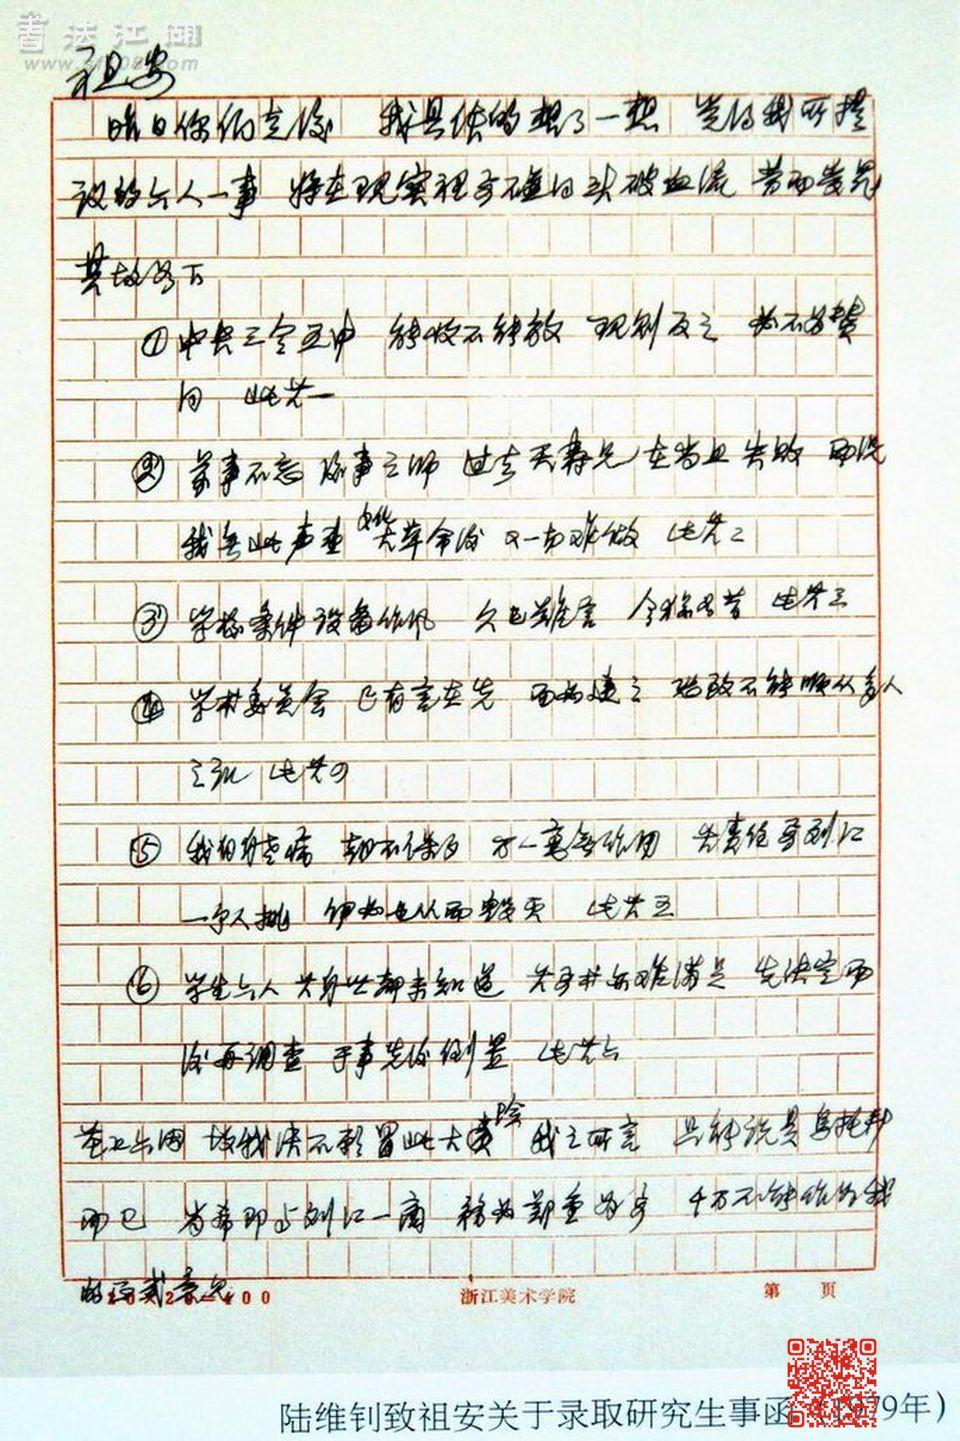 陆维钊致章祖安关于录取研究生事函(1979).JPG